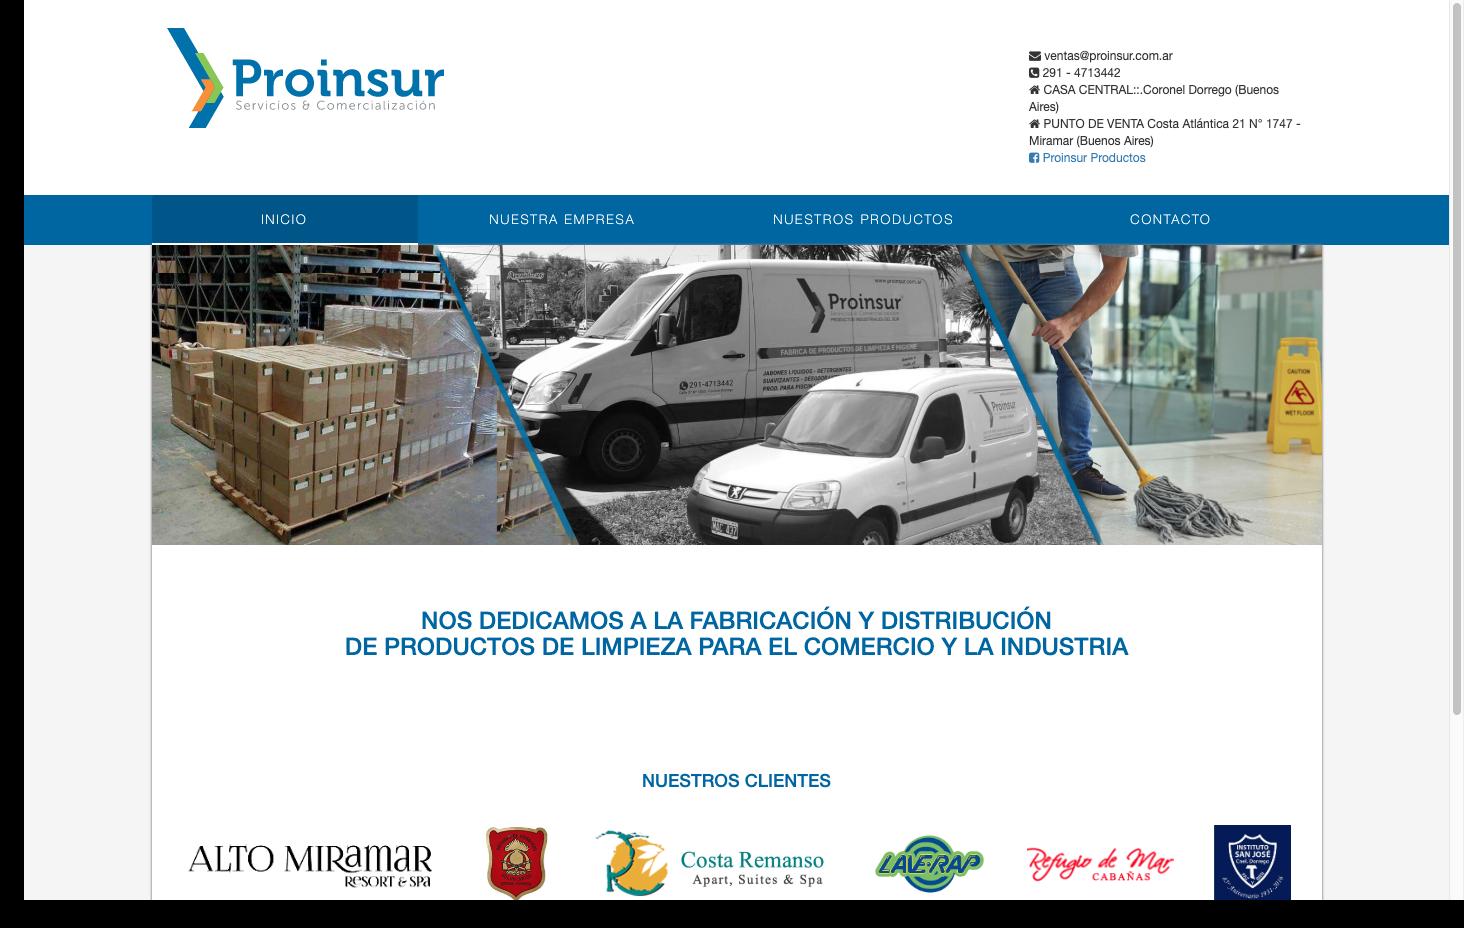 Proinsur